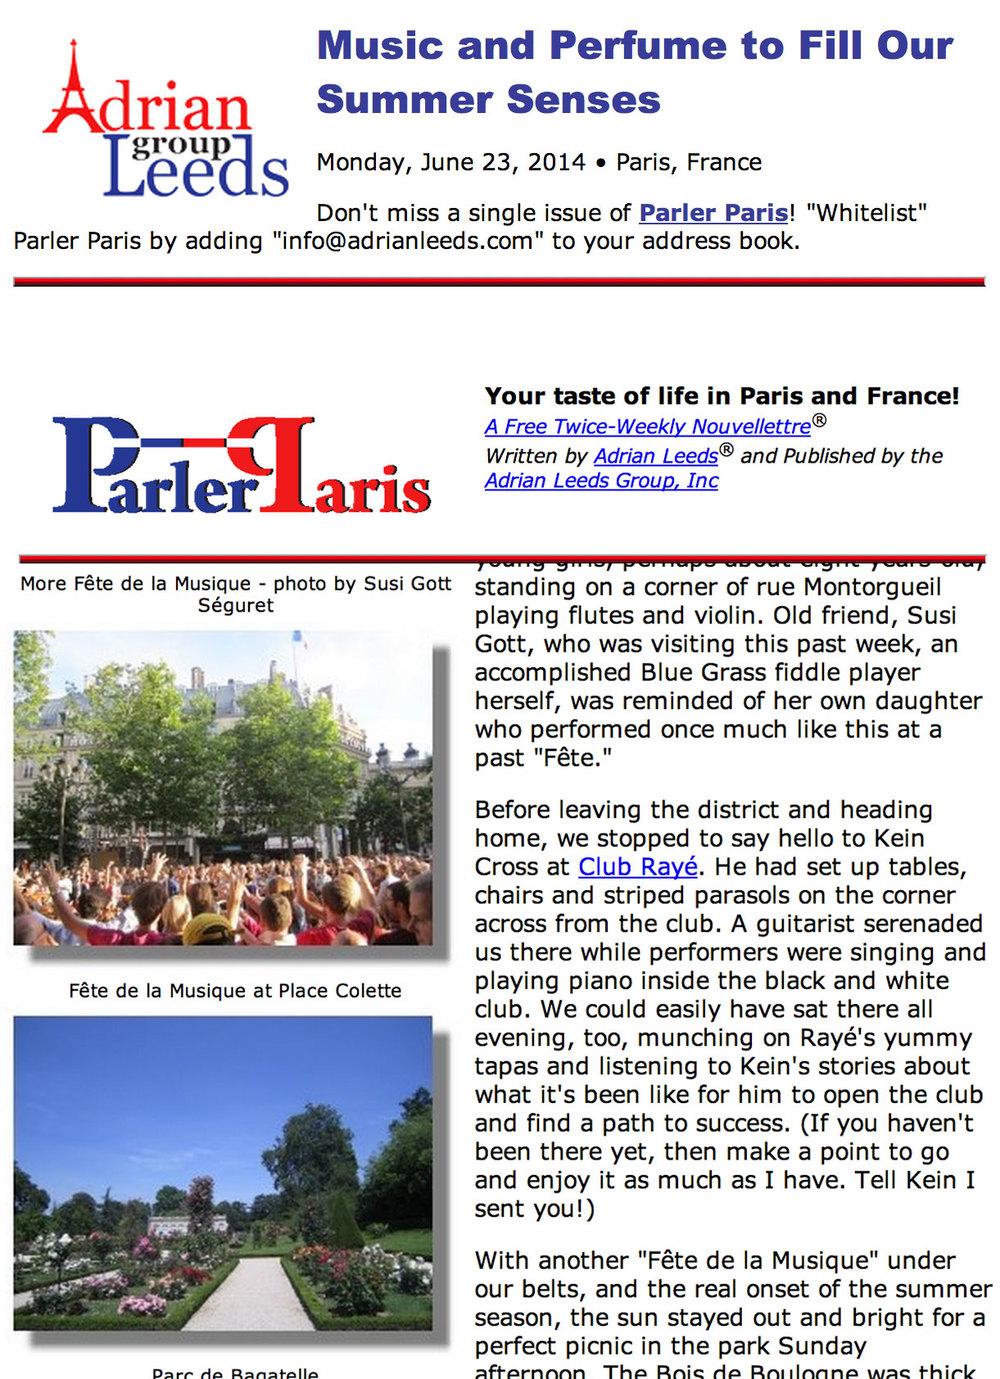 ParlerParis----fete-de-la-musique.jpg